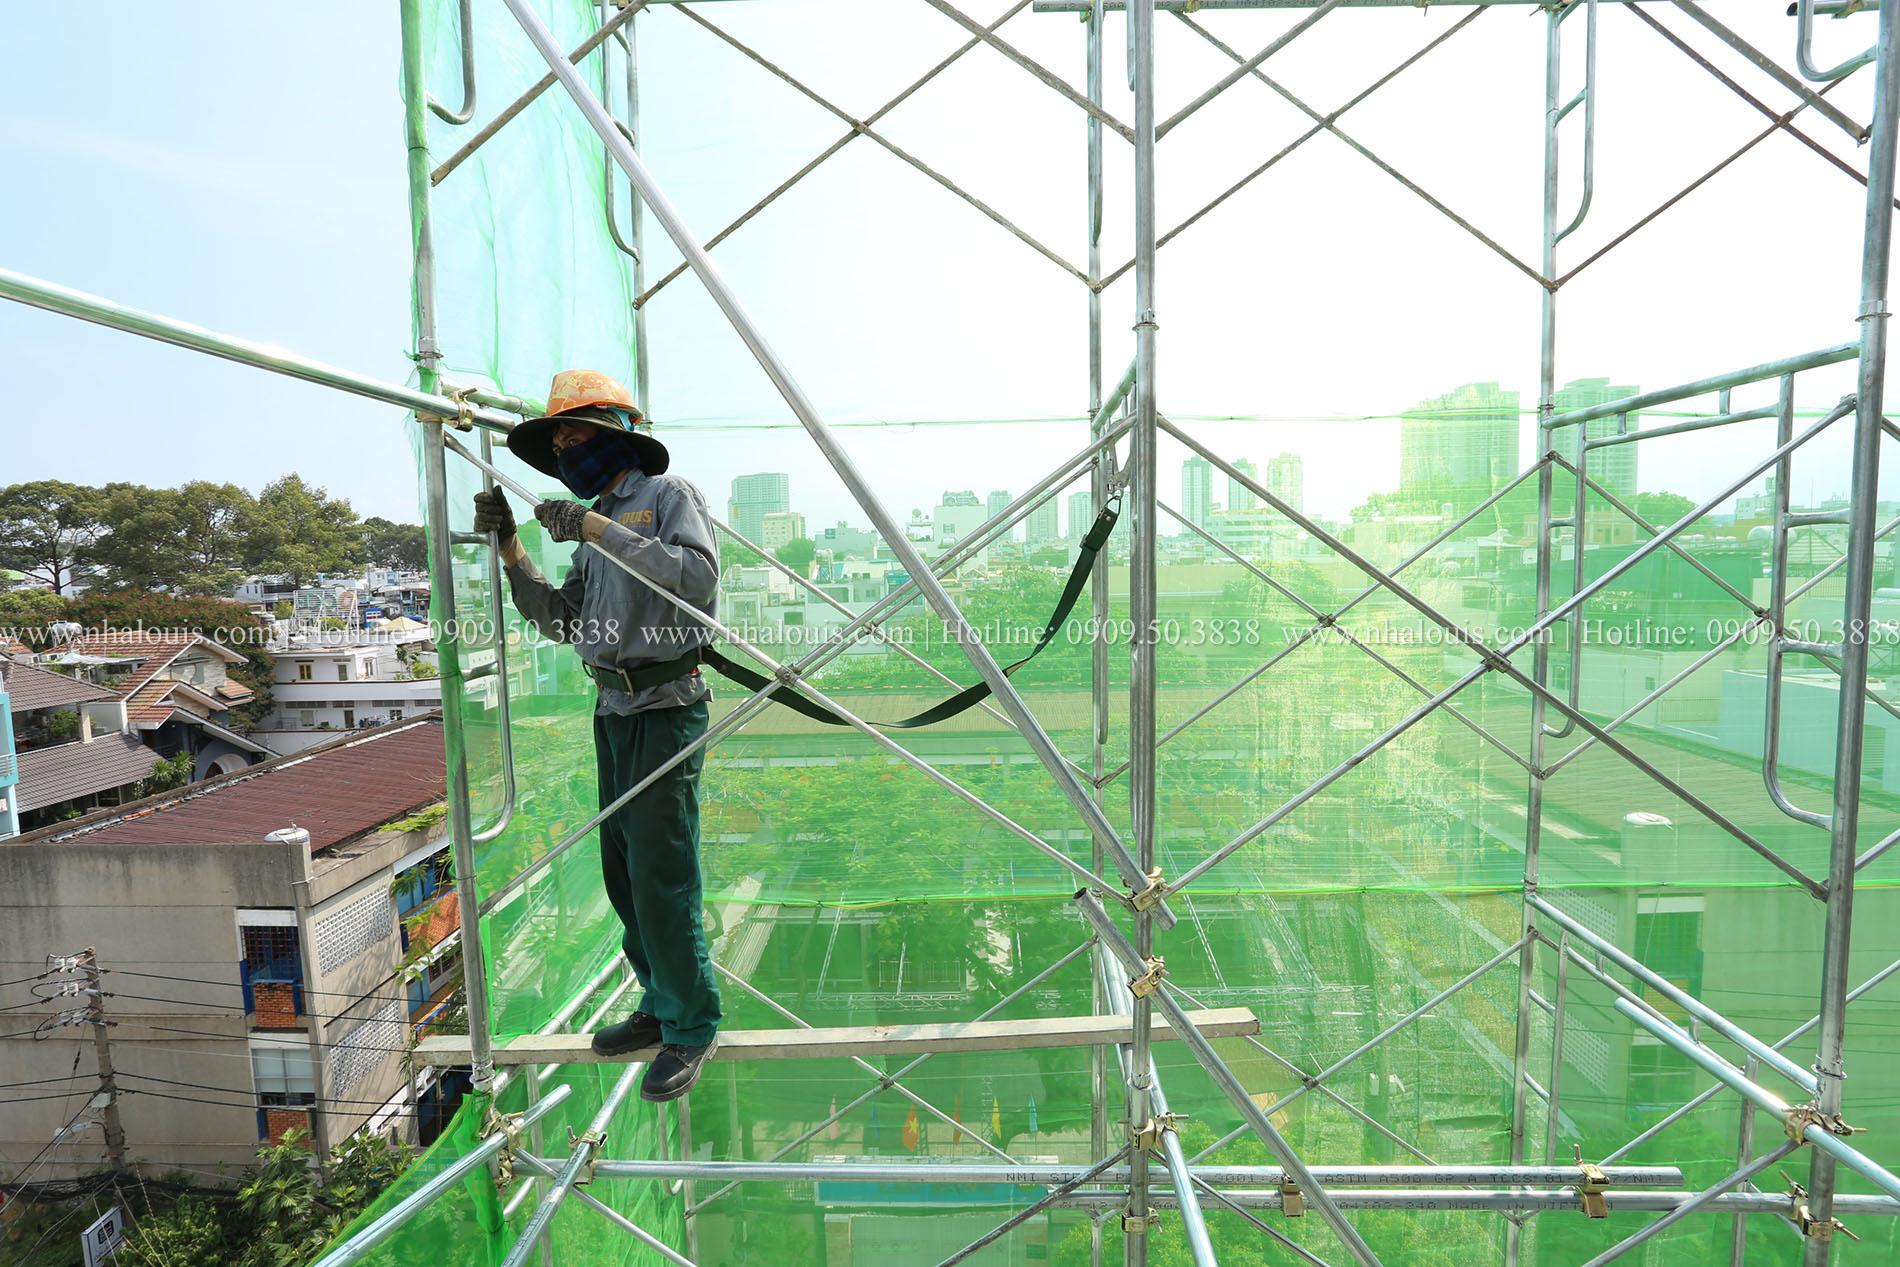 Khởi công dự án cải tạo siêu biệt thự cổ điển đẳng cấp tại TPHCM